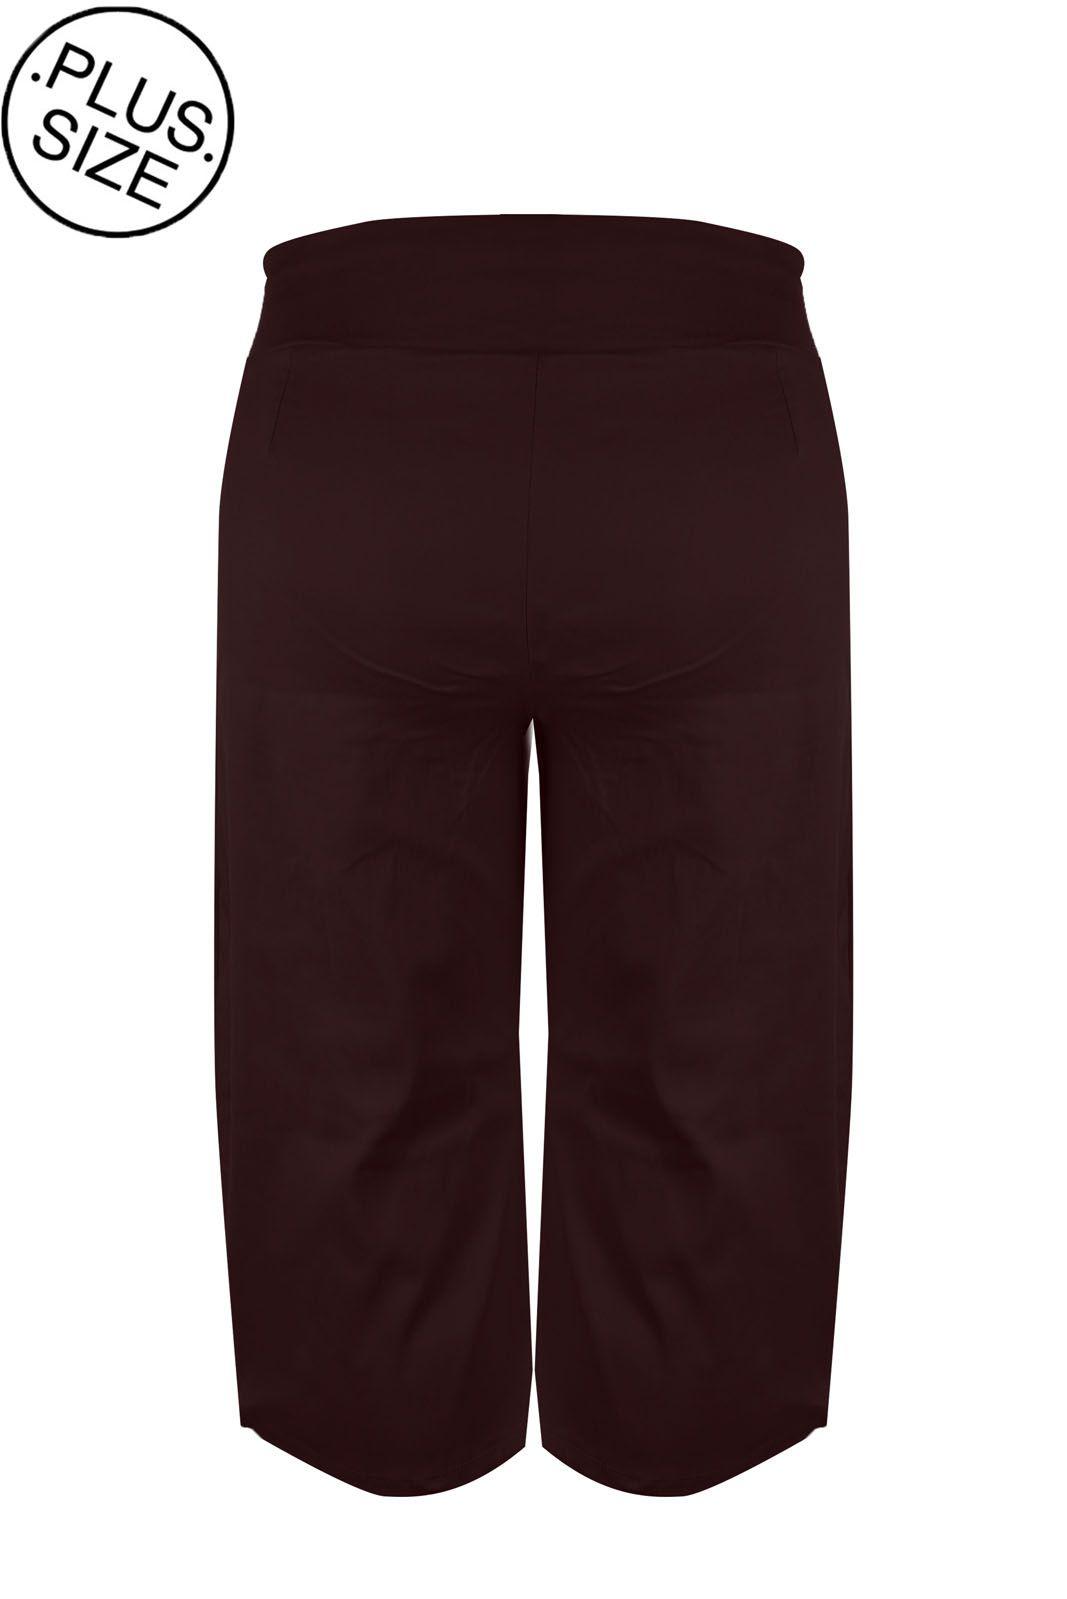 Calça Outlet Dri Pantalona Casual Liso Bengaline Cós Alto Vinho